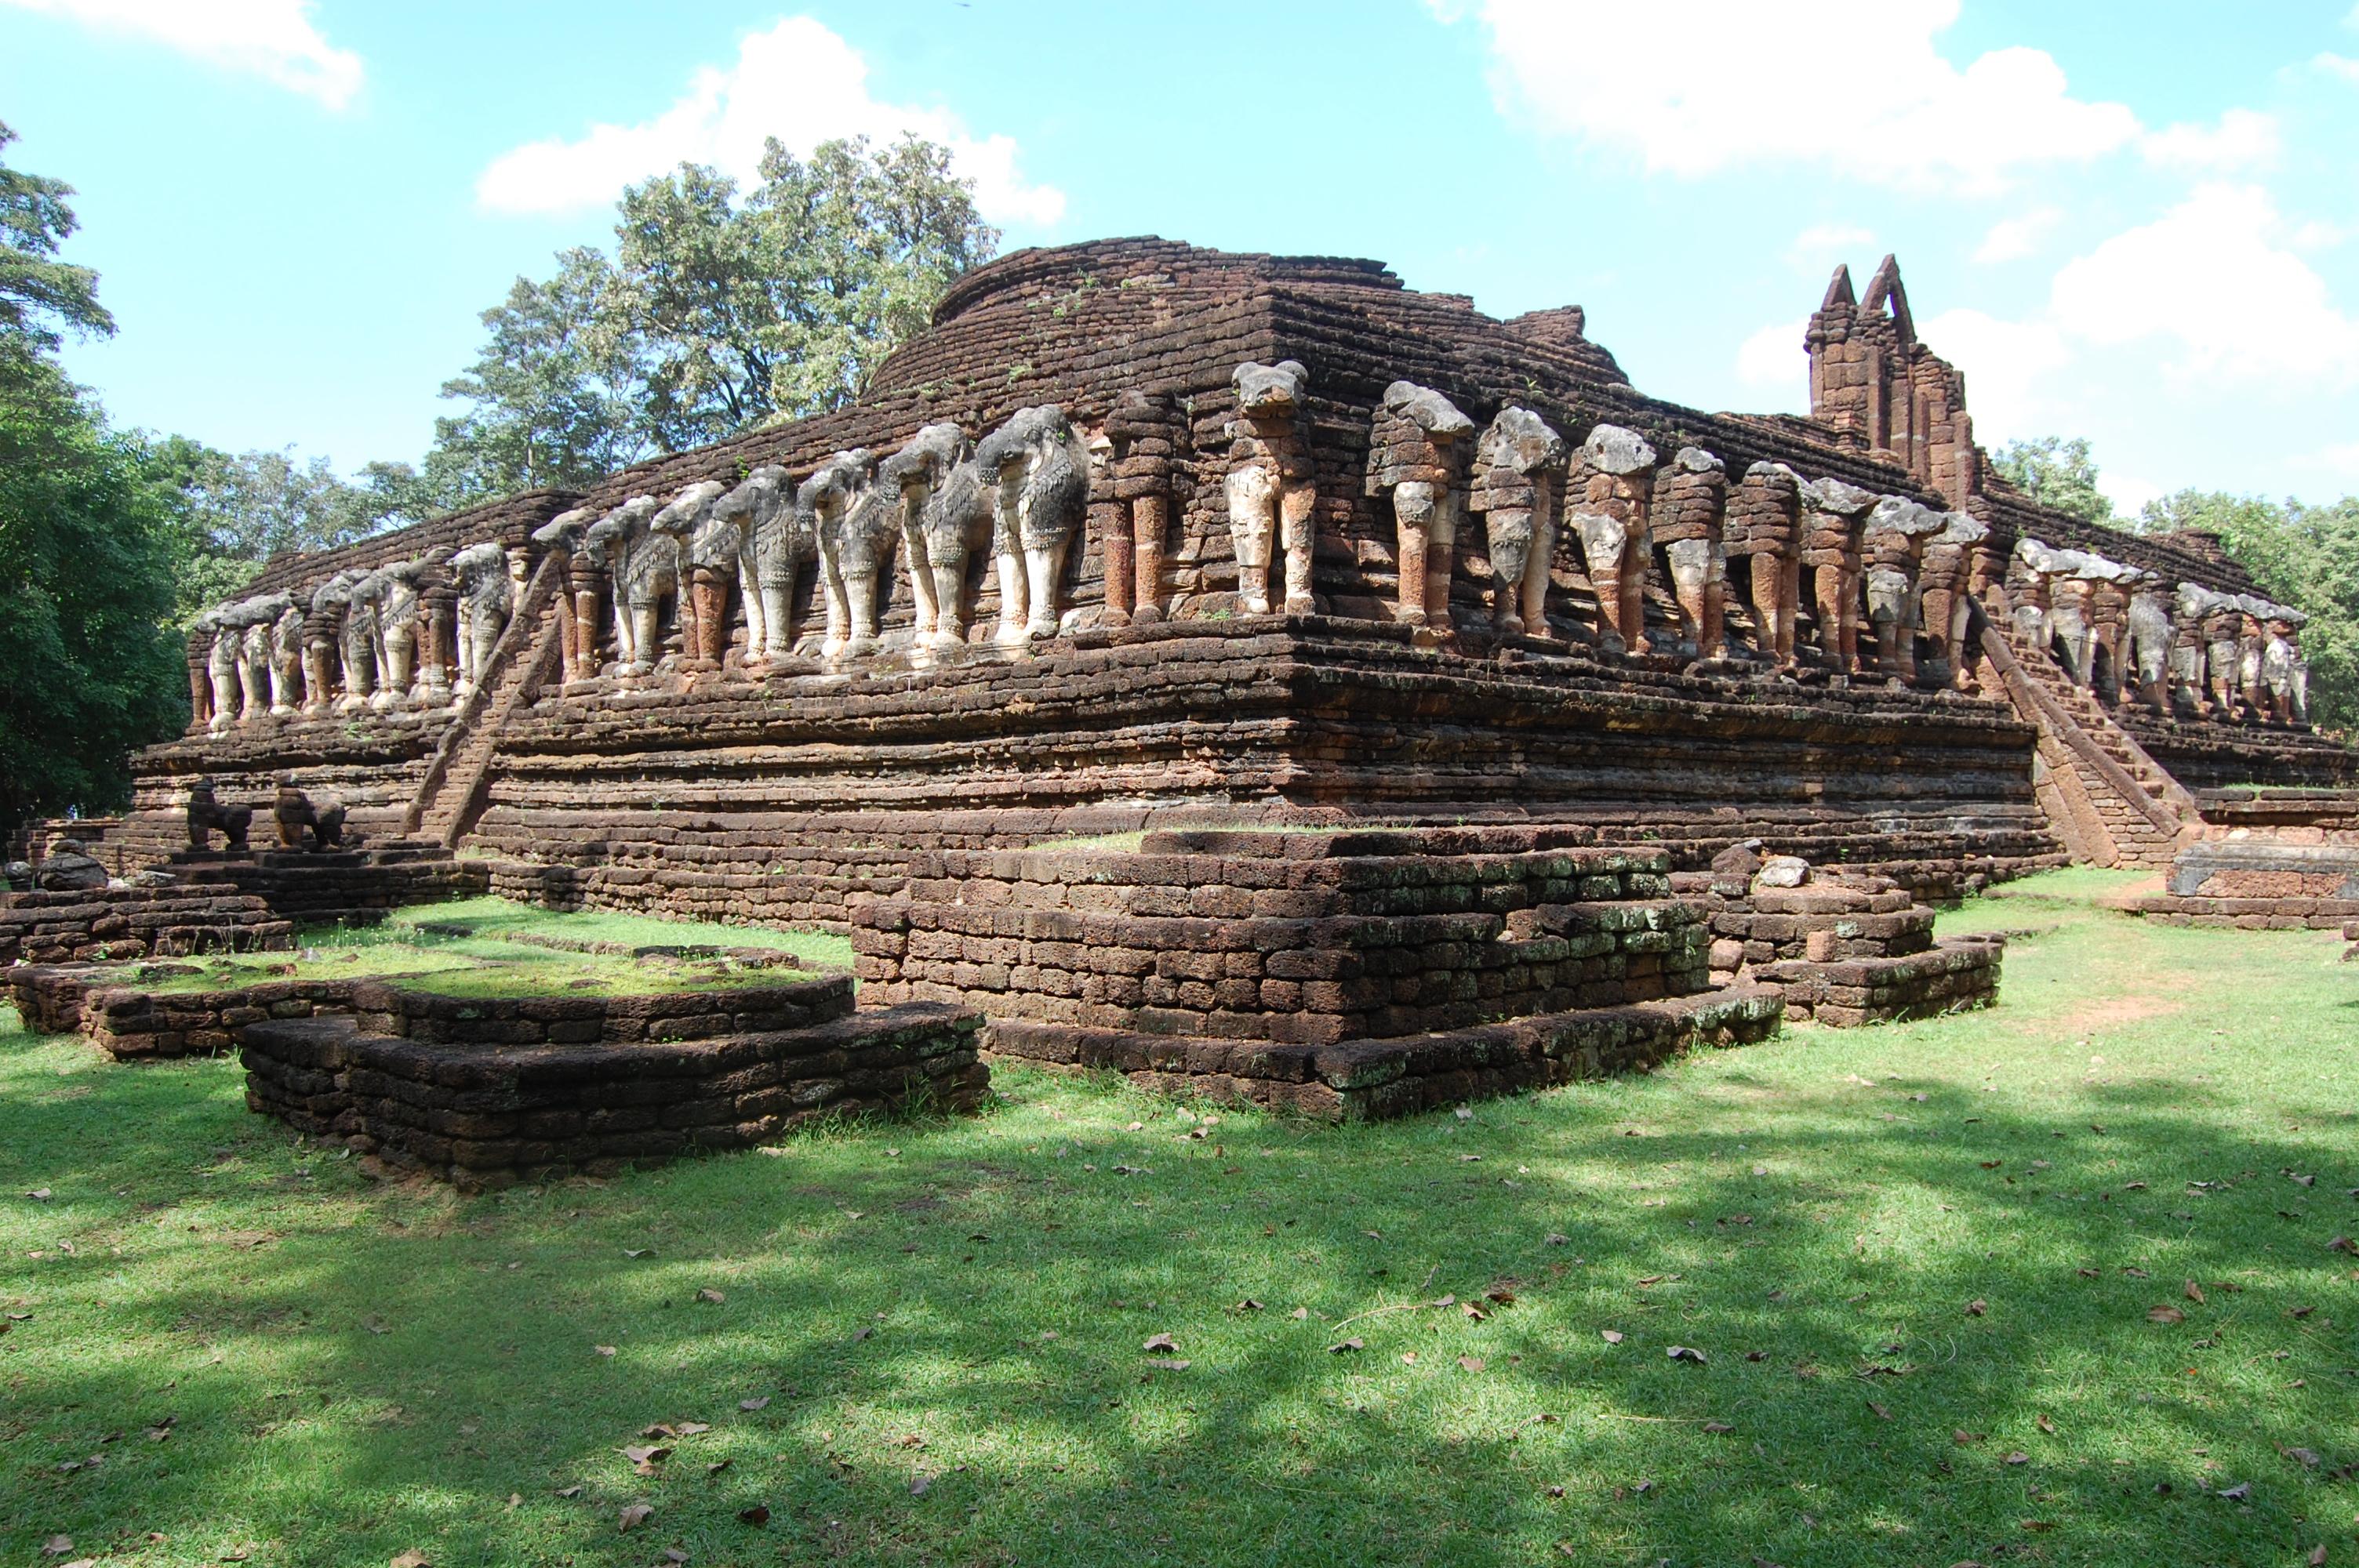 Kamphaeng Phet – Travel guide at Wikivoyage